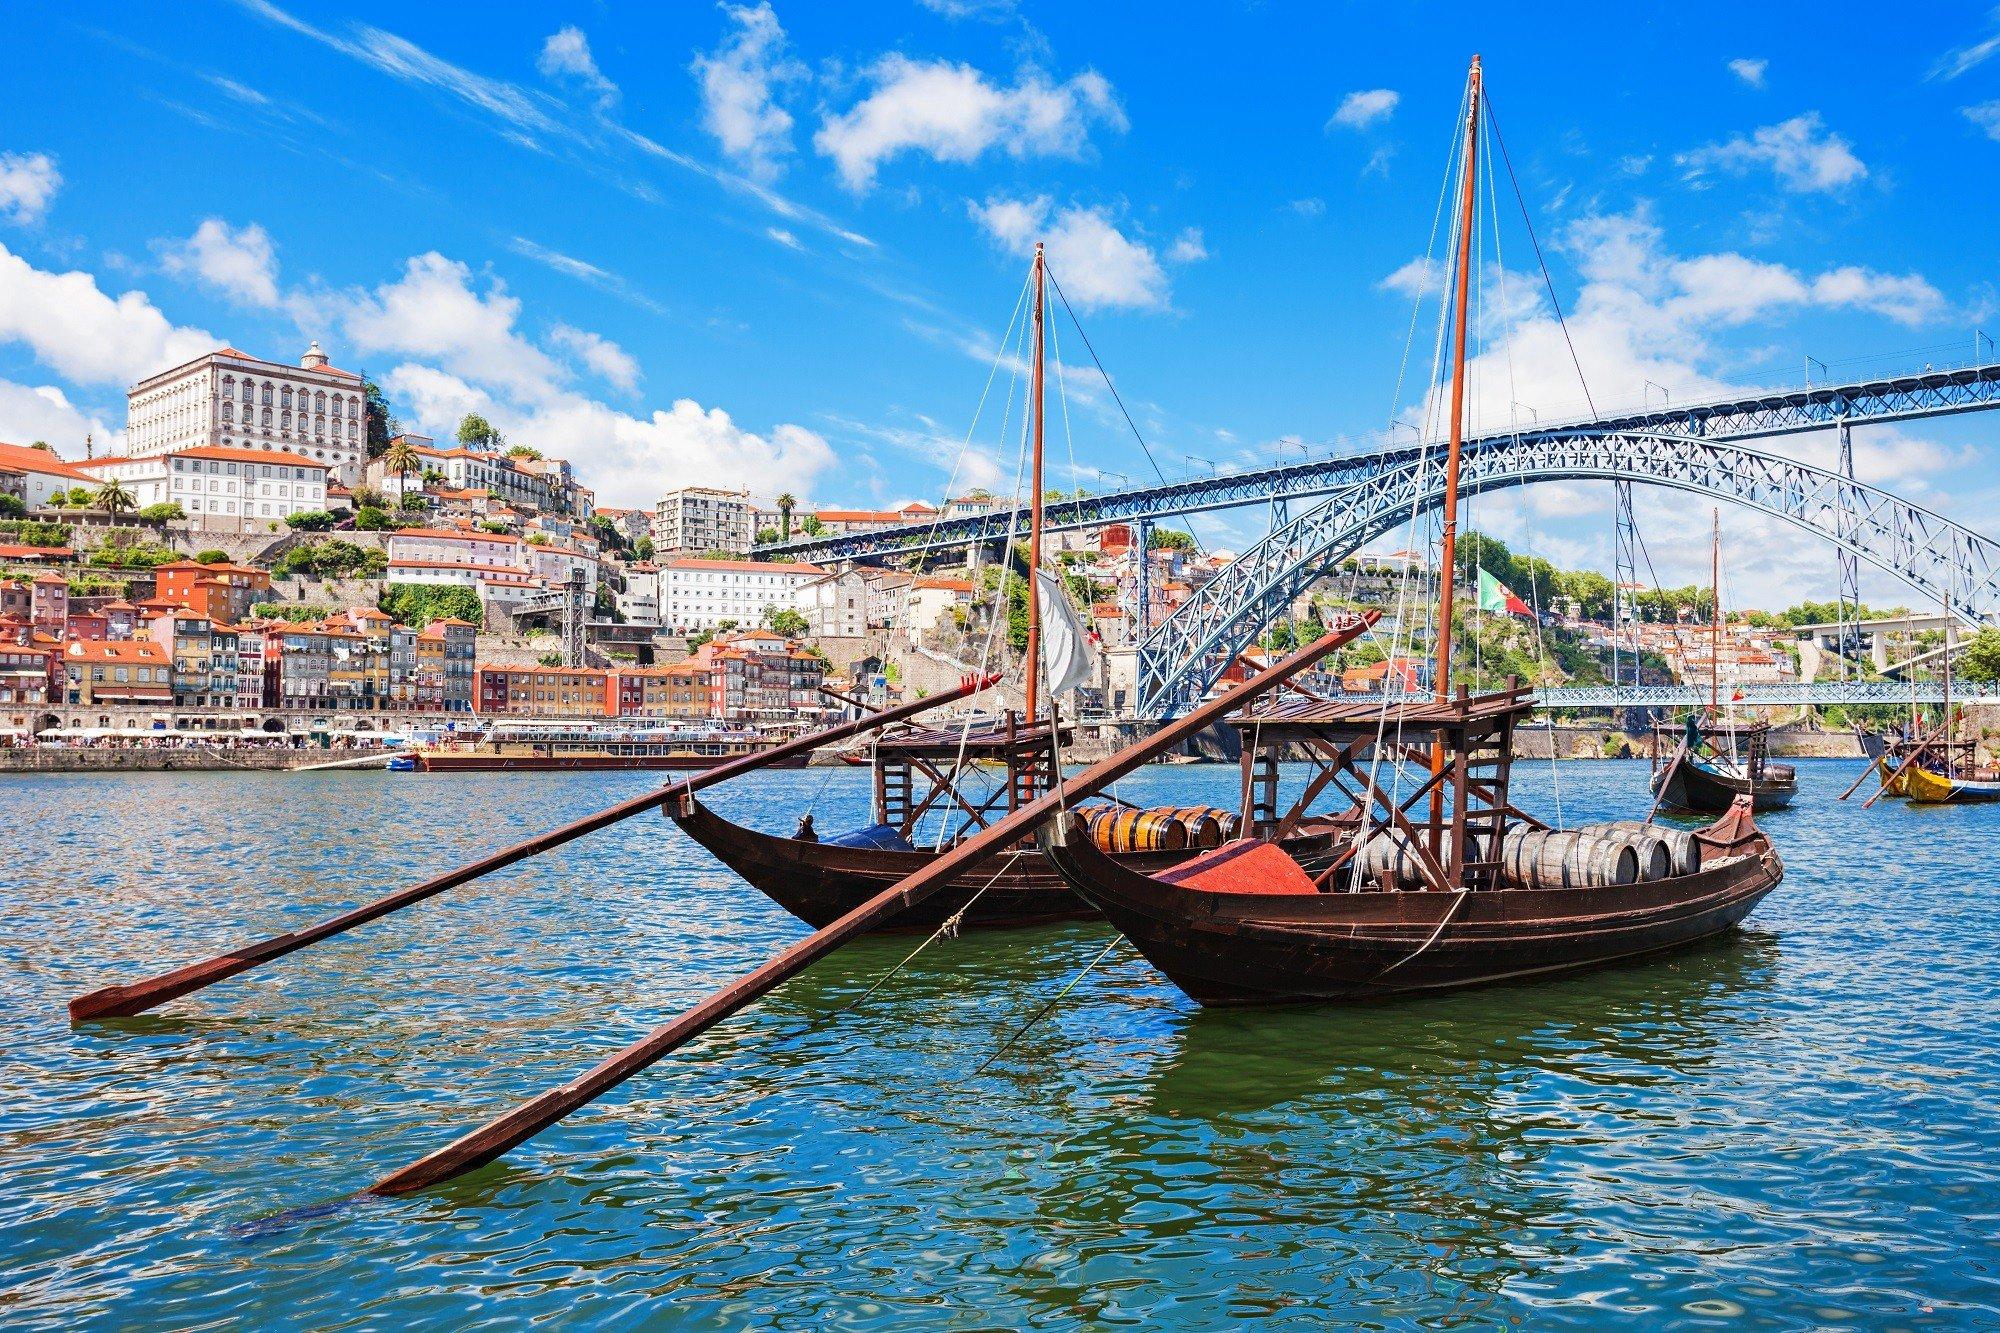 Dagaanbieding - 3-, 4- of 5-daagse stedentrip naar de prachtige stad Porto incl. vlucht dagelijkse koopjes